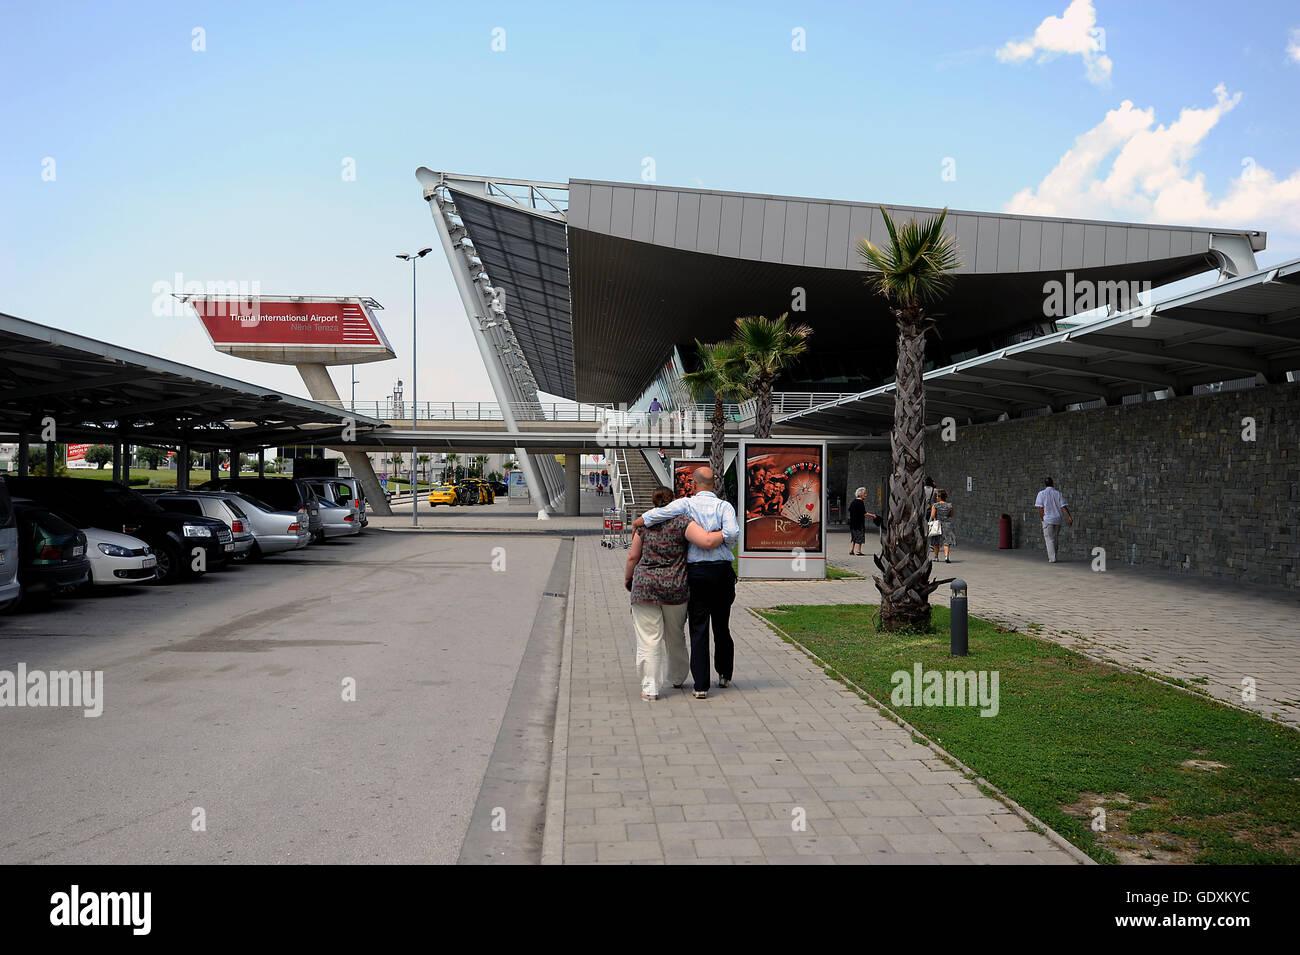 Tirana International Airport - Stock Image